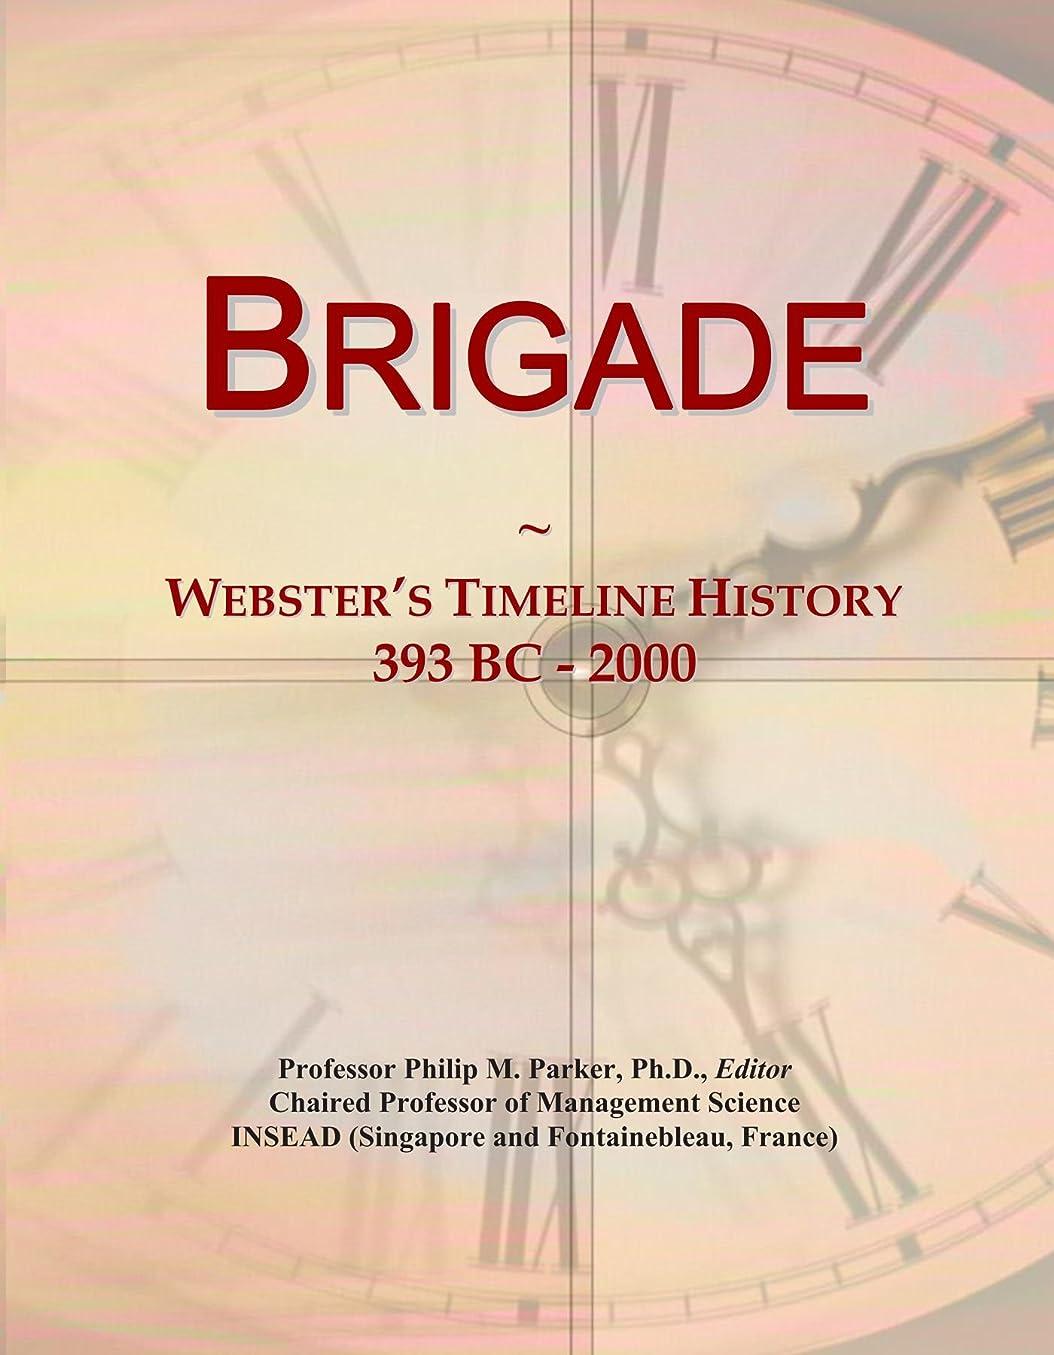 唯物論真実に無限Brigade: Webster's Timeline History, 393 BC - 2000